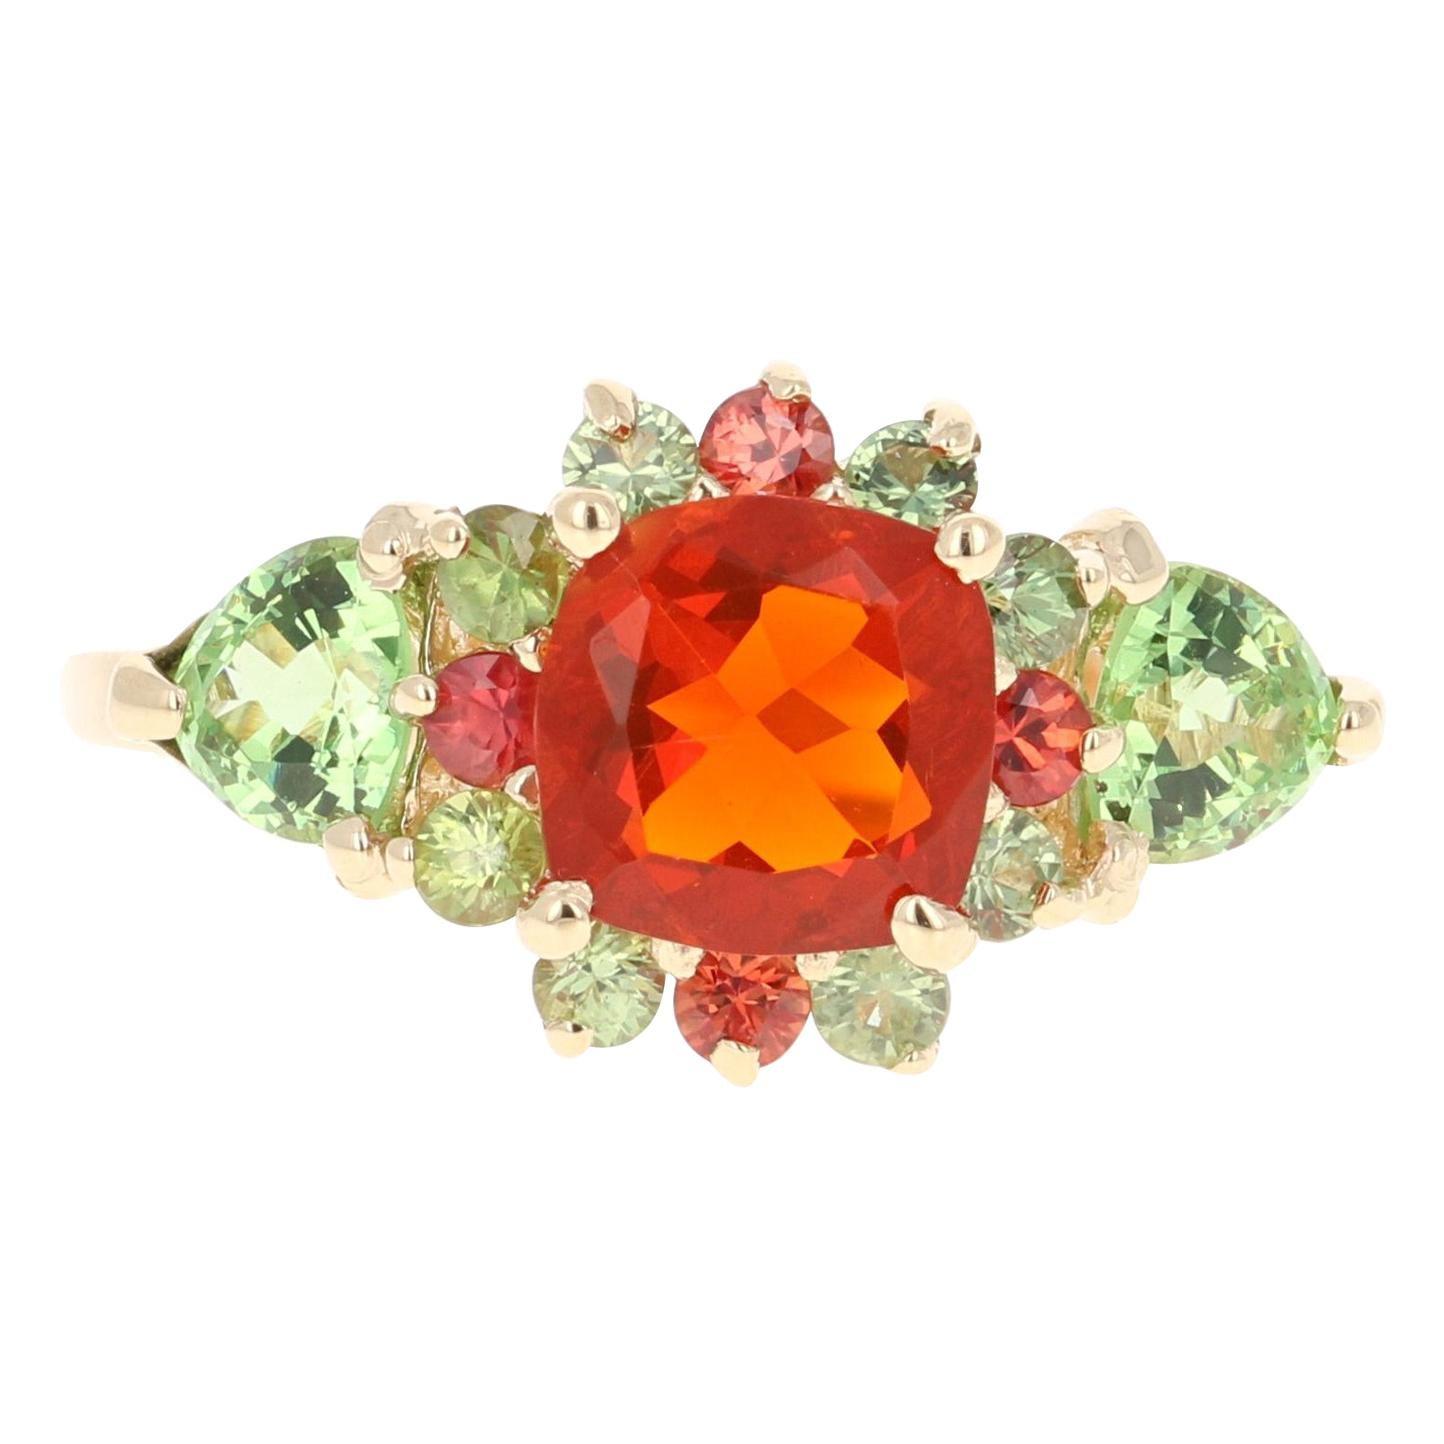 2.50 Carat Fire Opal Tsavorite Sapphire 14 Karat Yellow Gold Engagement Ring